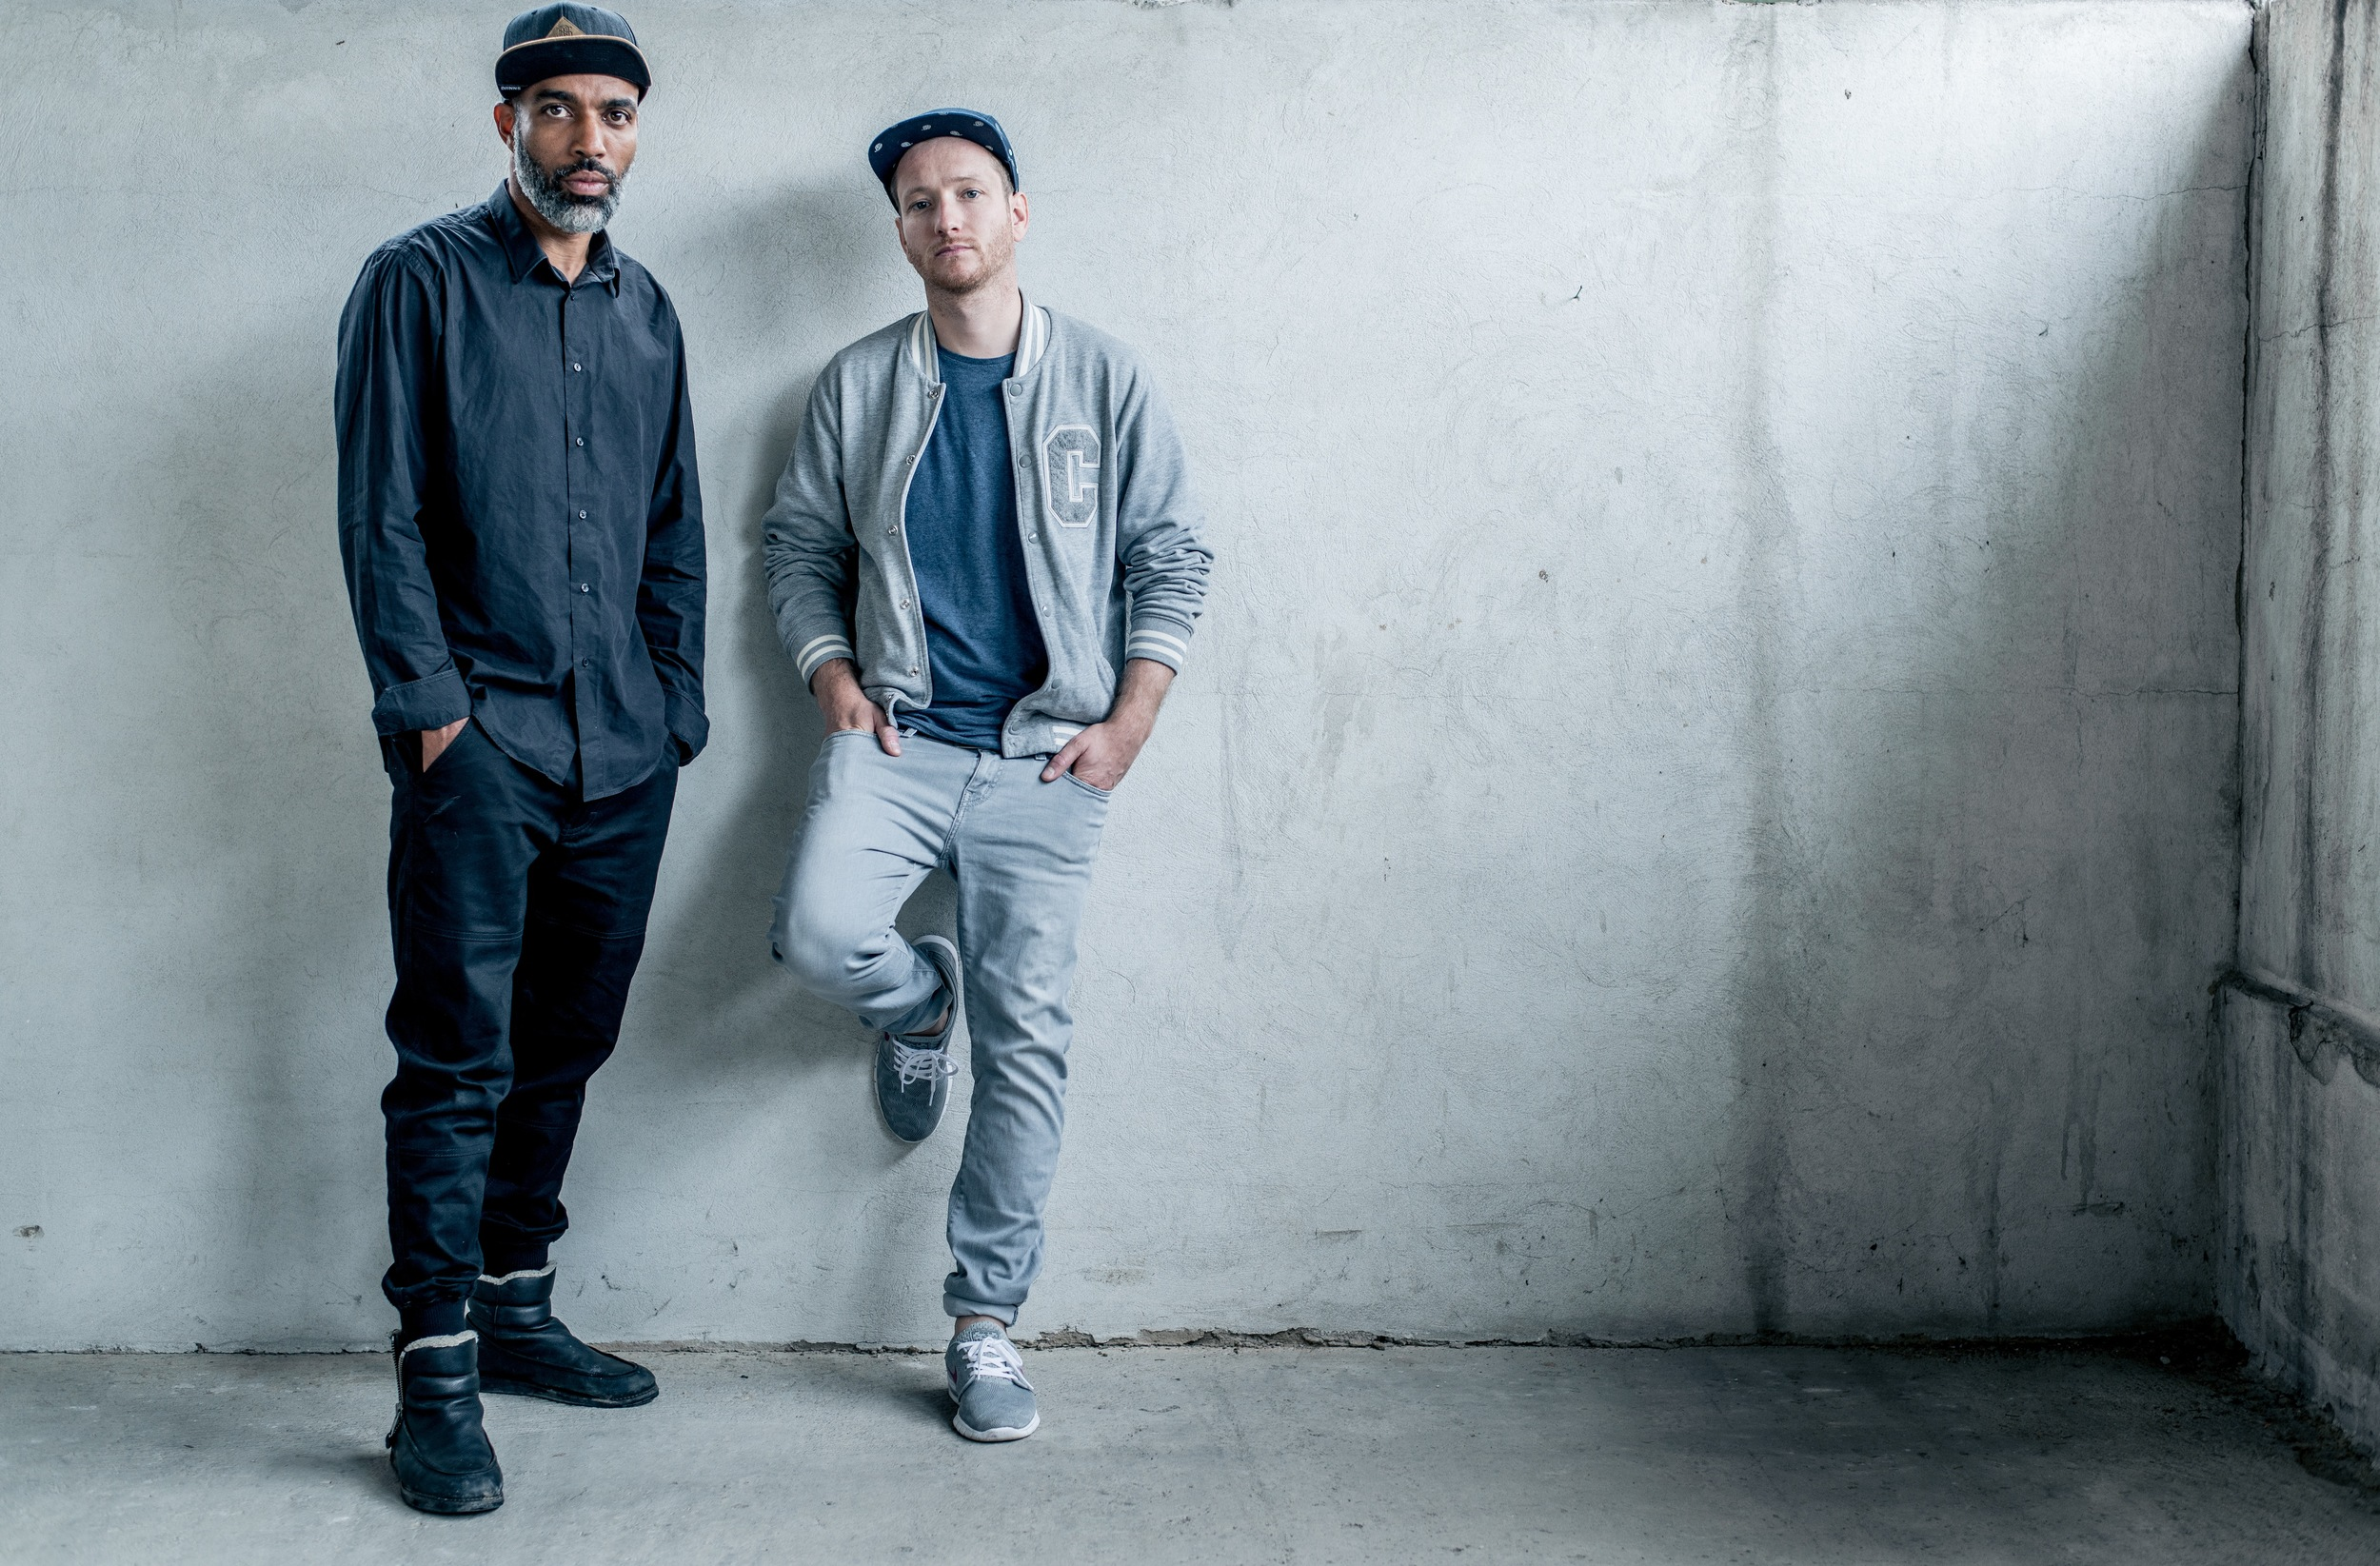 Bam & Mr.Dero // Photocredit: Stefan Leitner